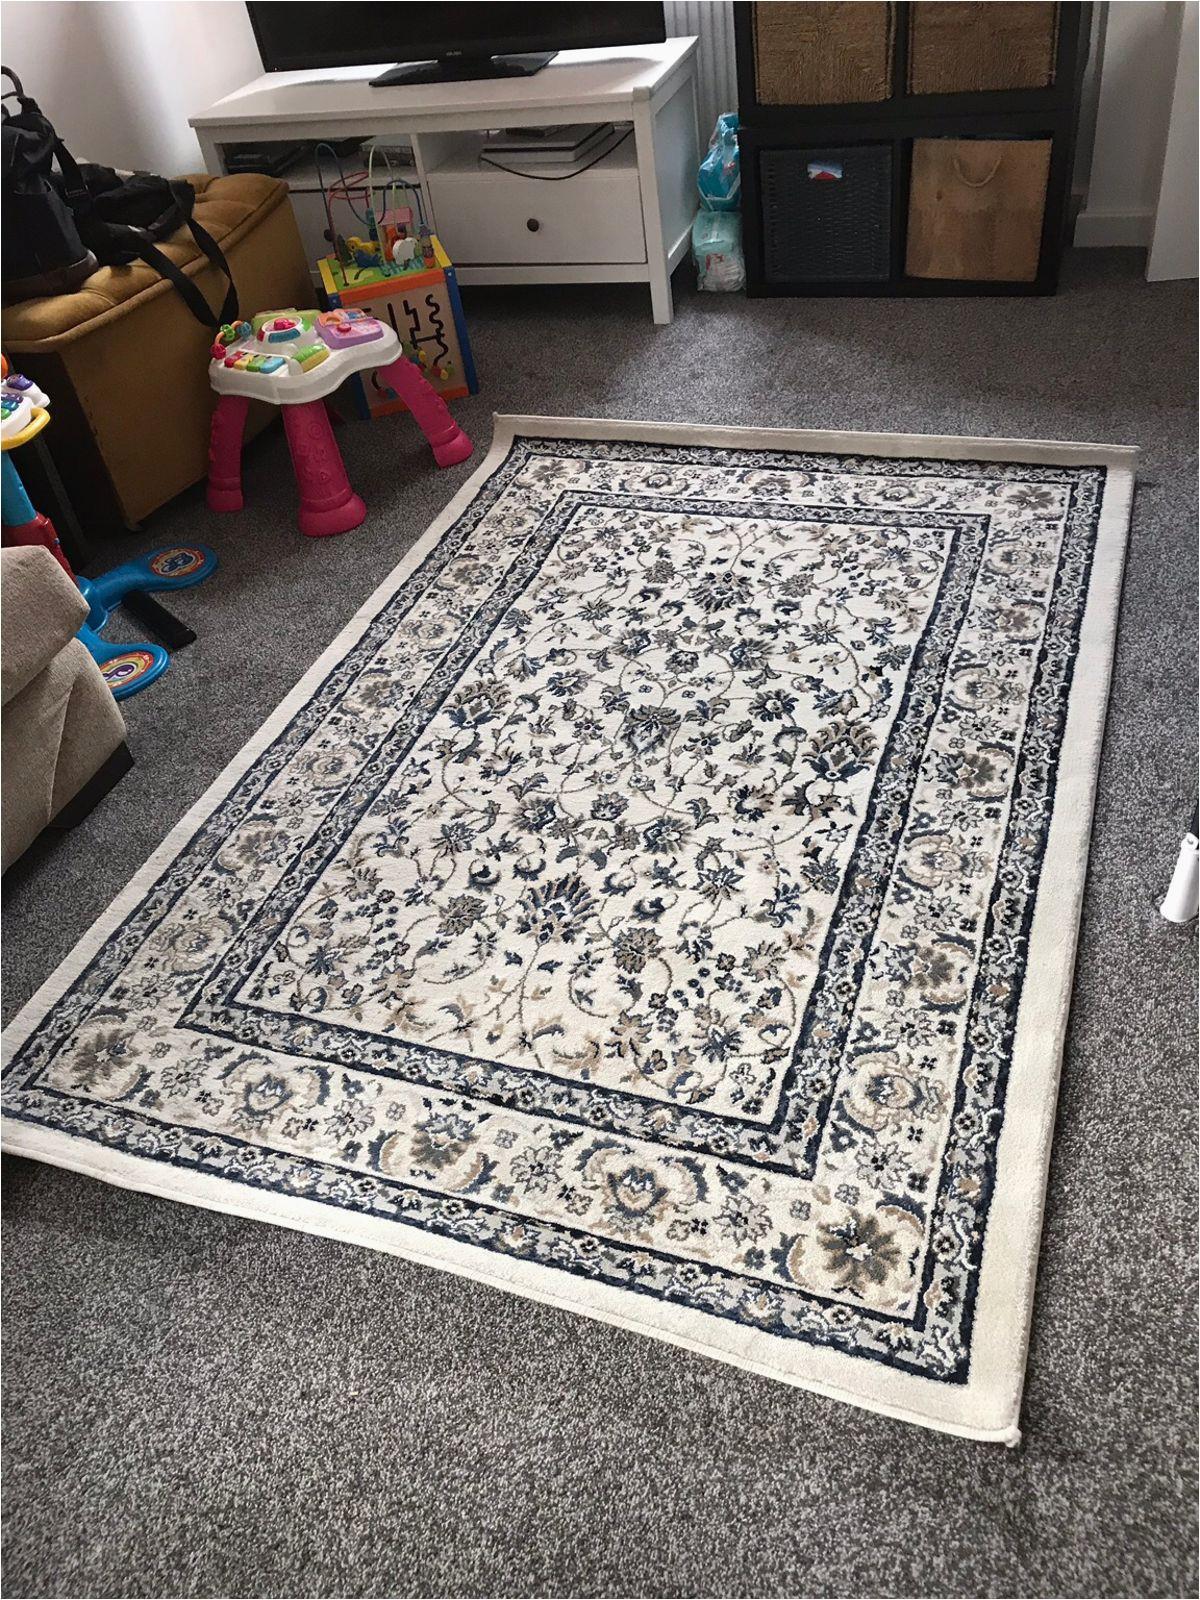 ikea valloby rug 4 4 x 6 5 blue beige used